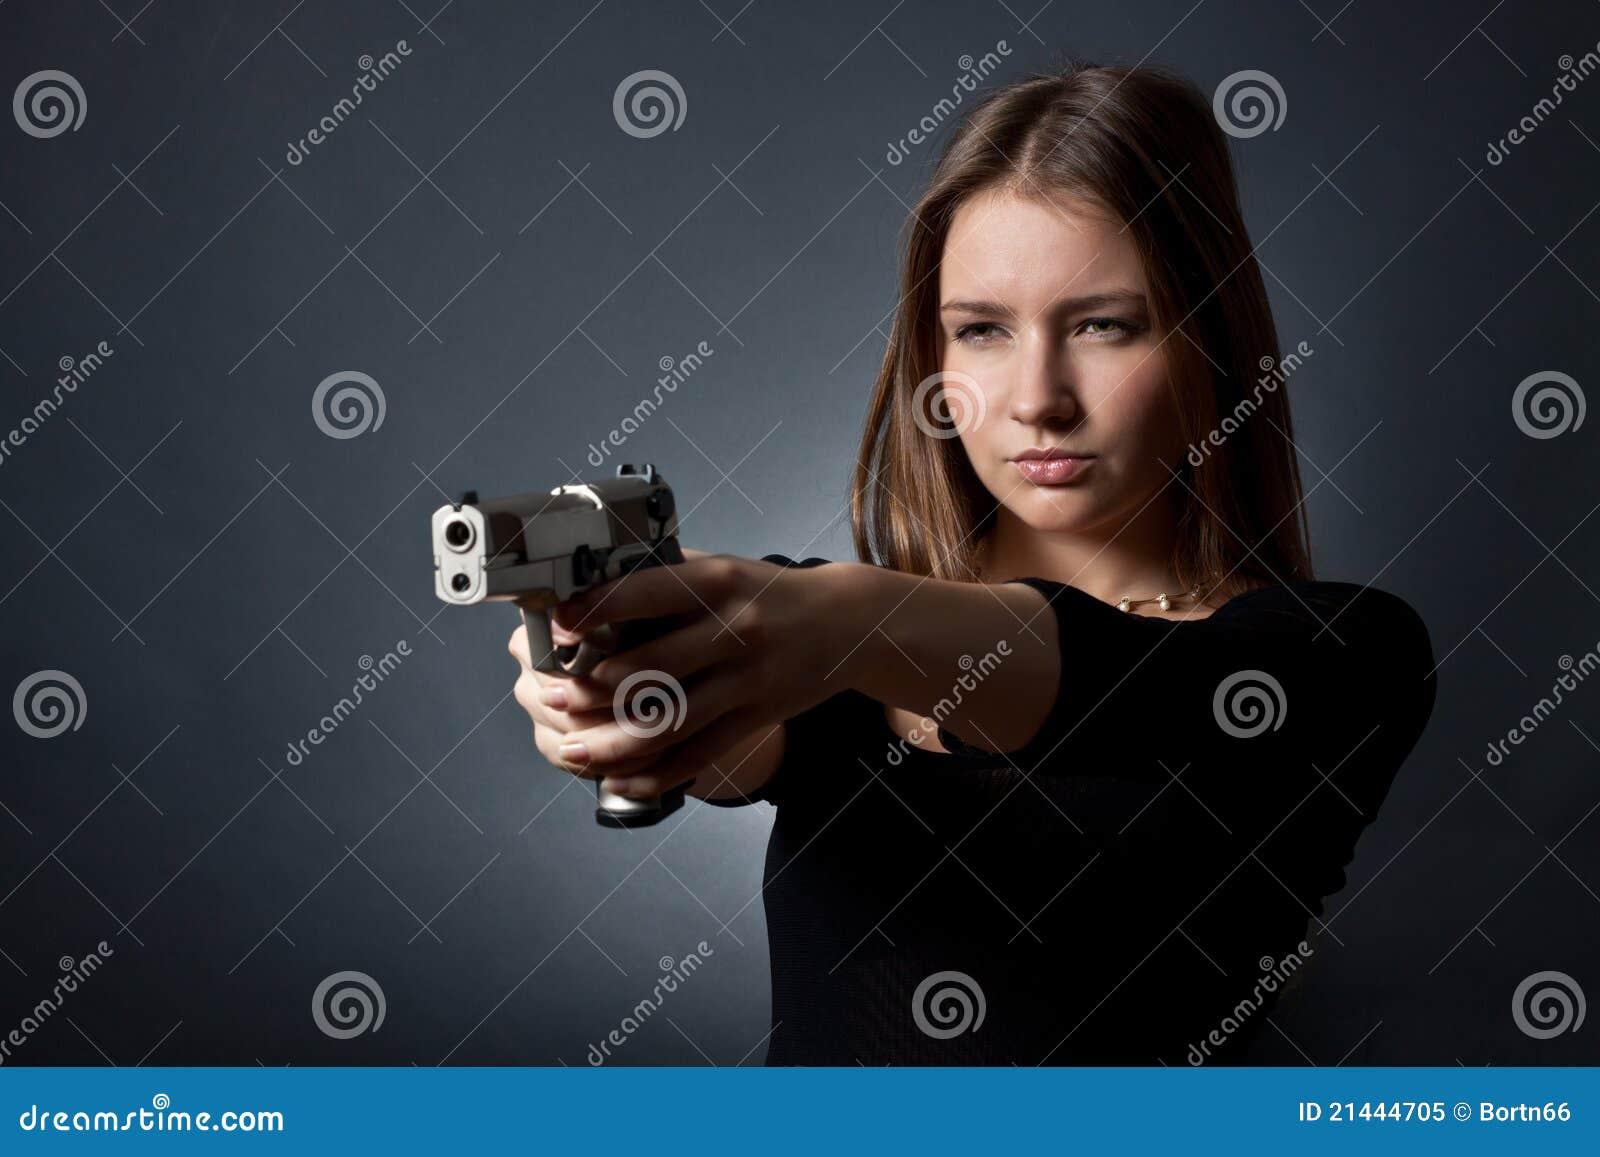 Das Mittel der jungen Frau stockbild. Bild von schauen